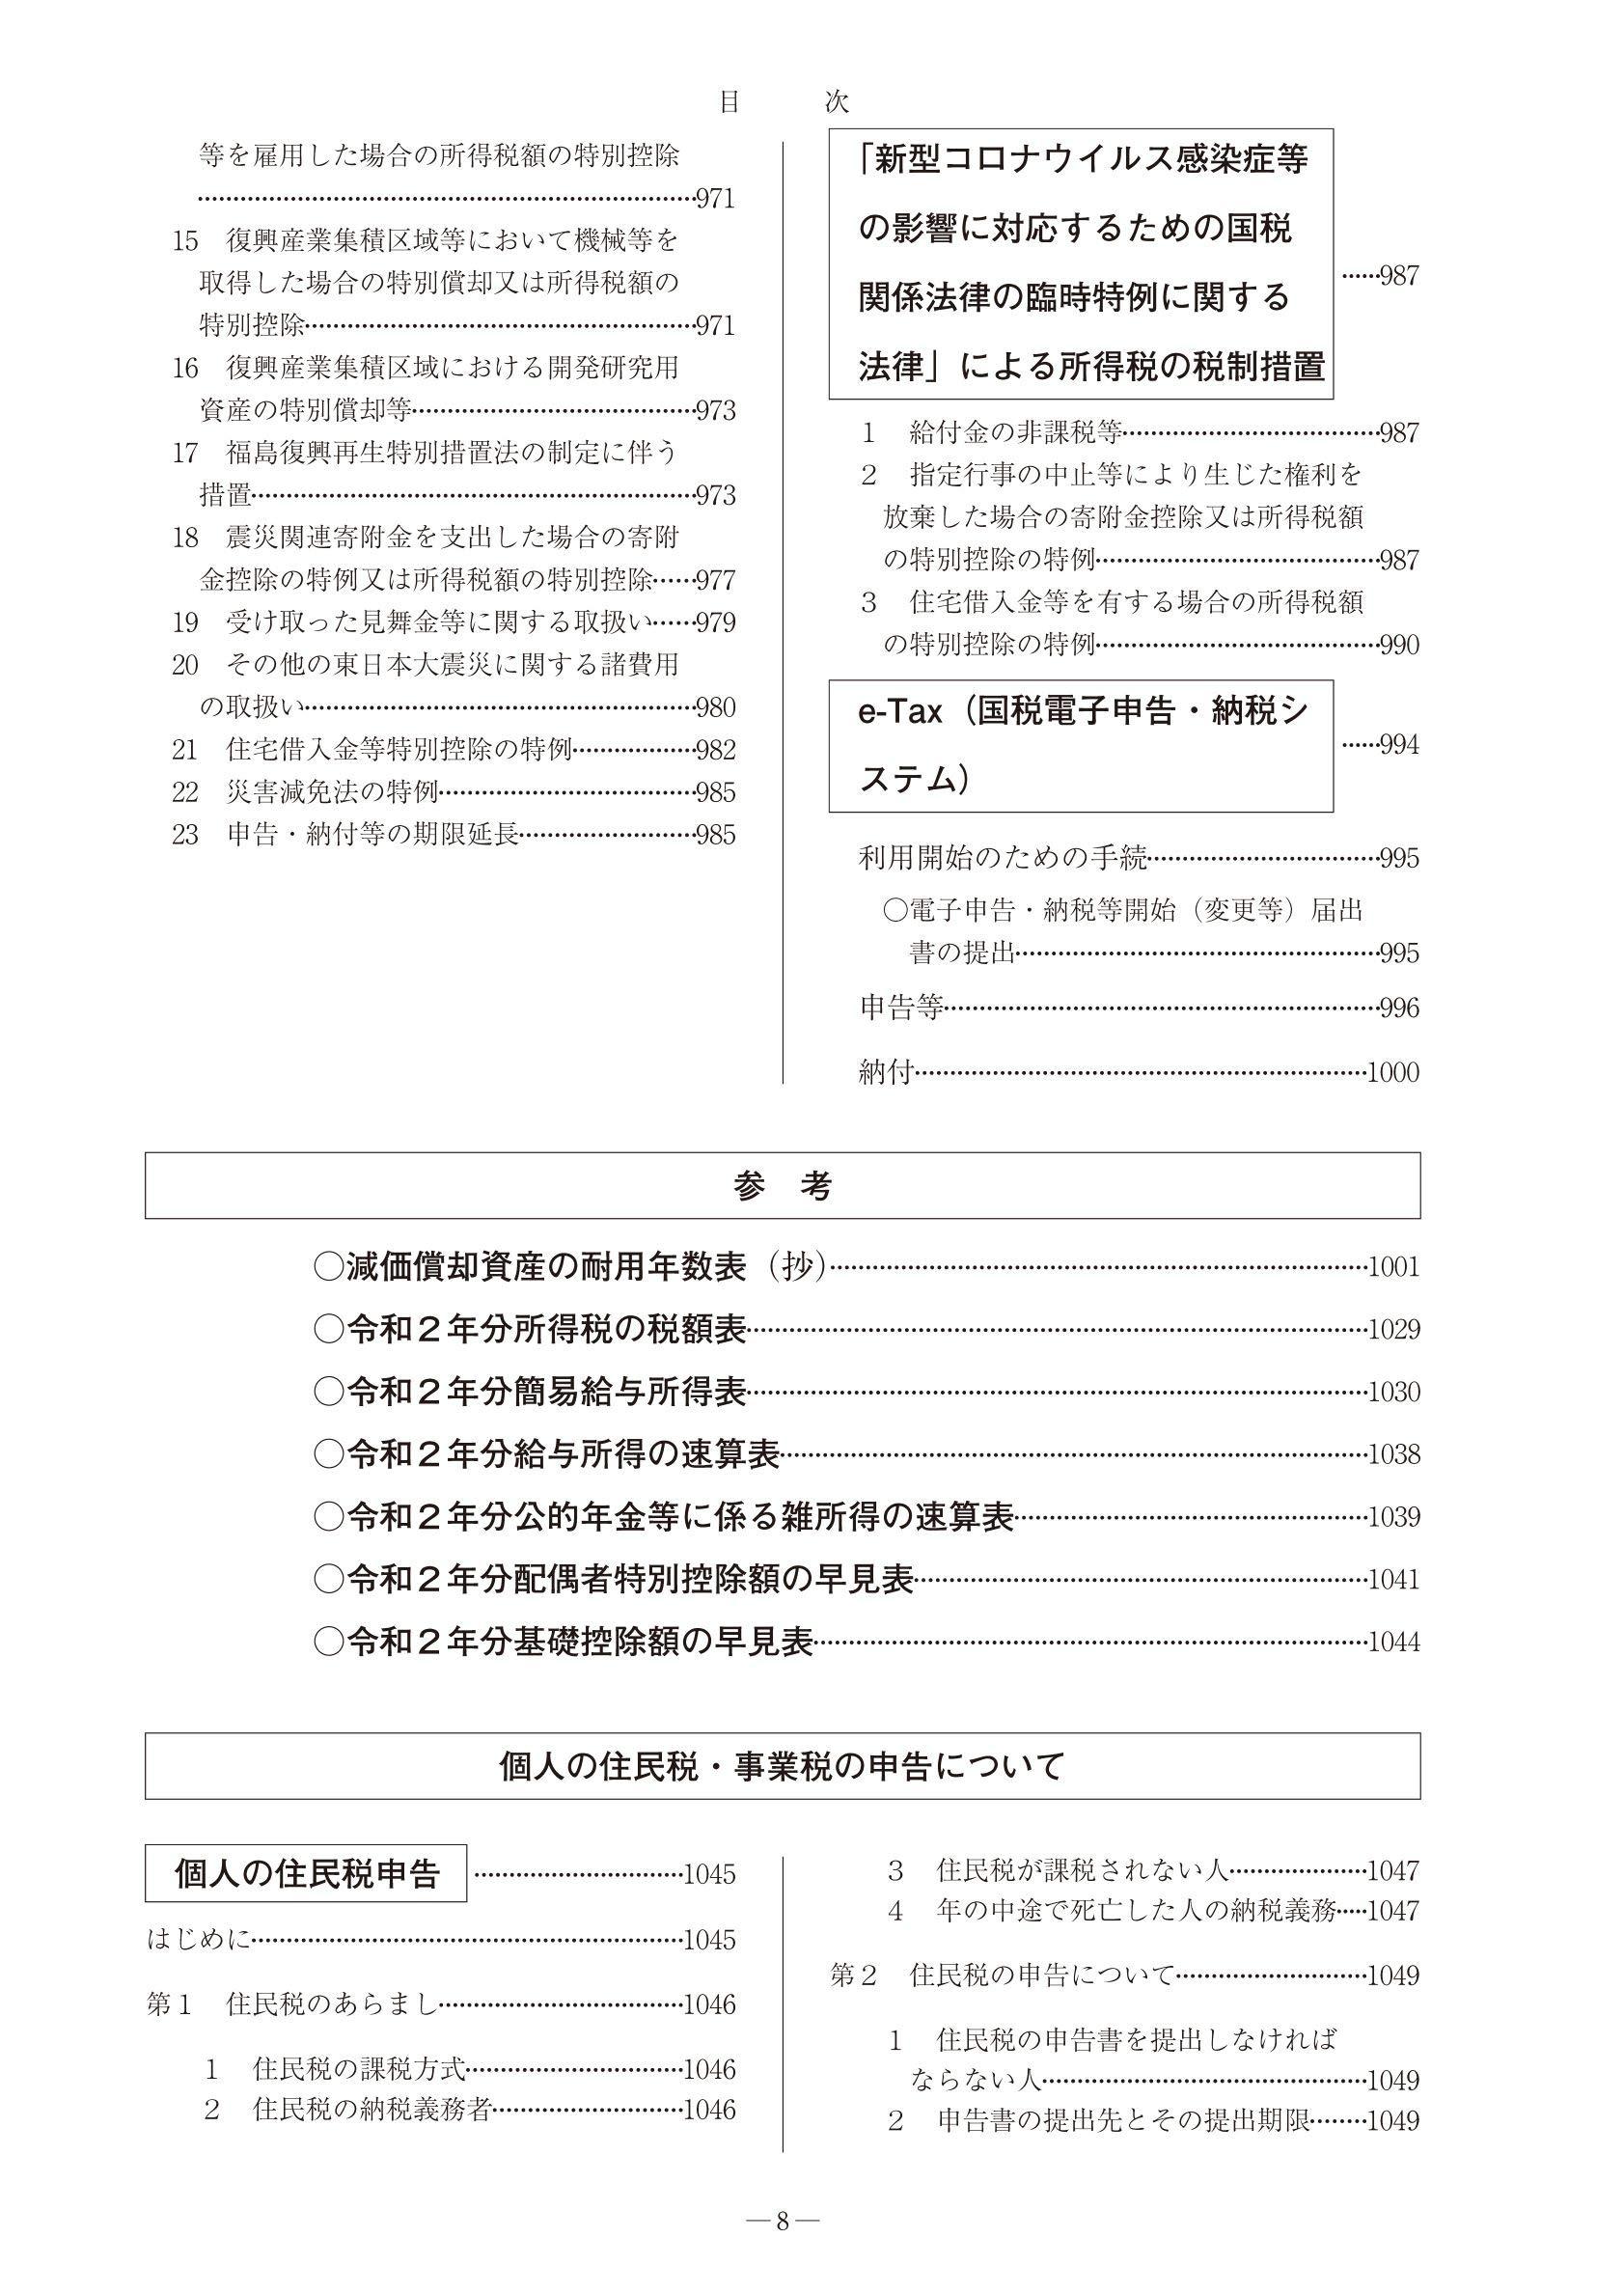 申告 住民 税 雑所得20万円以下でも住民税の申告が必要  